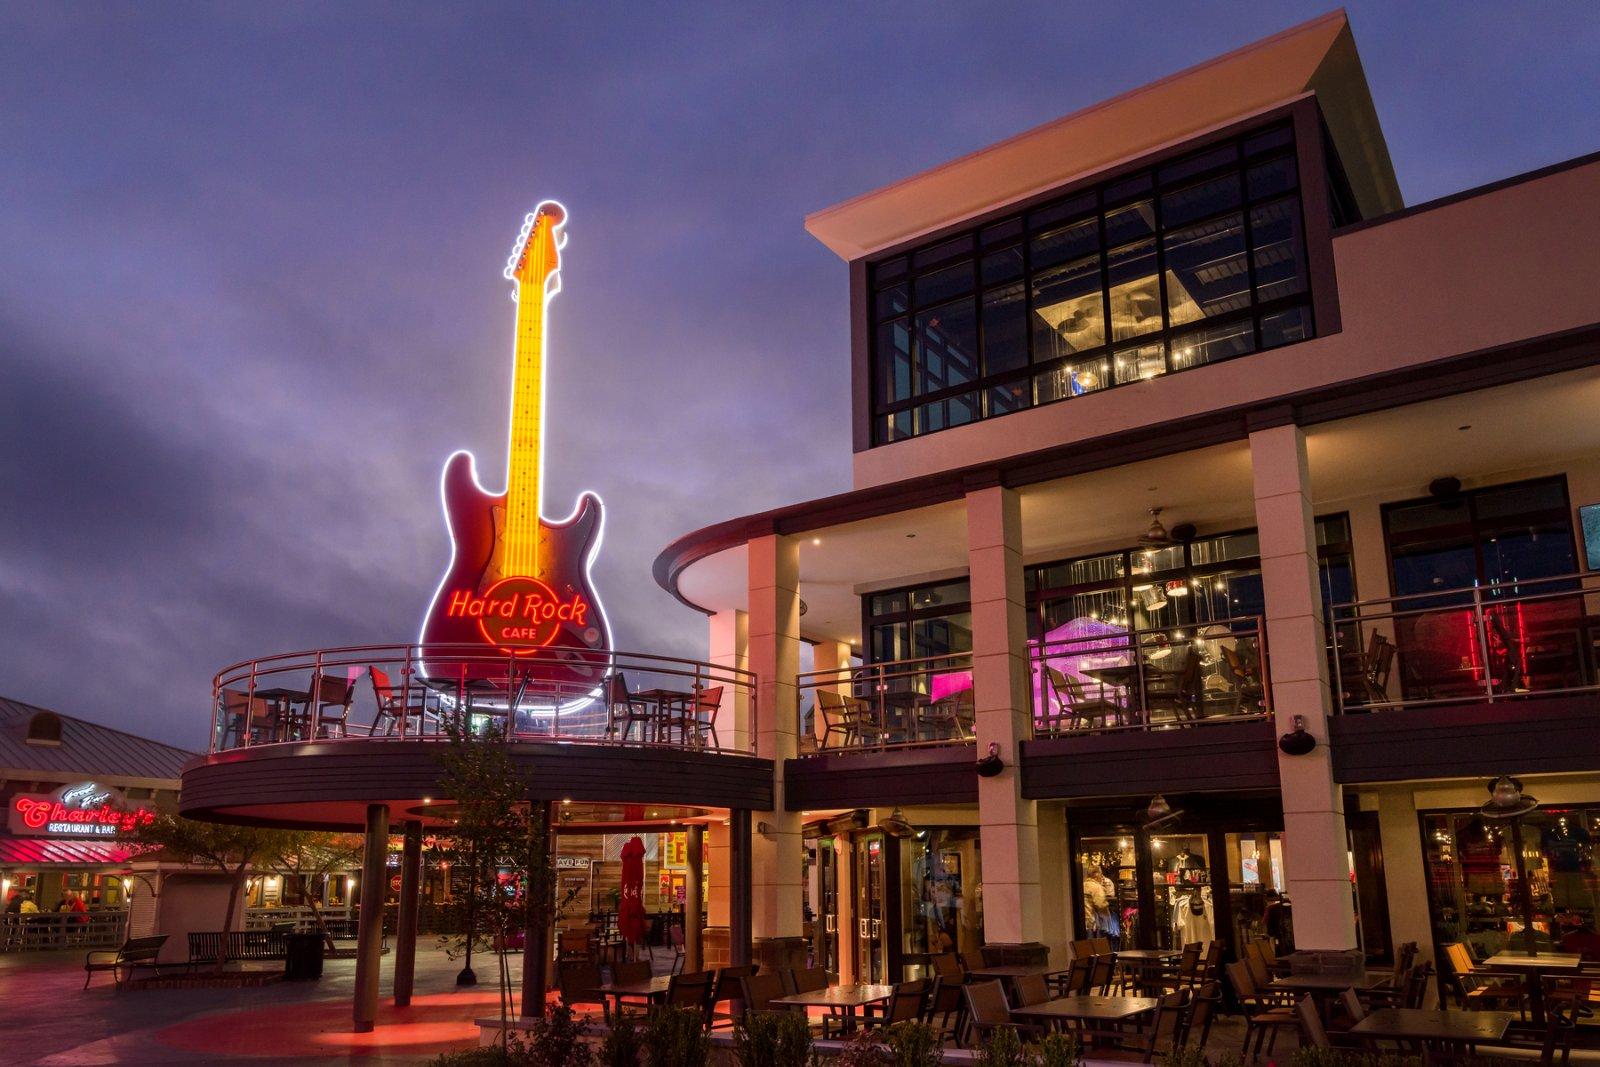 Myrtle Beach Sc Hard Rock Cafe